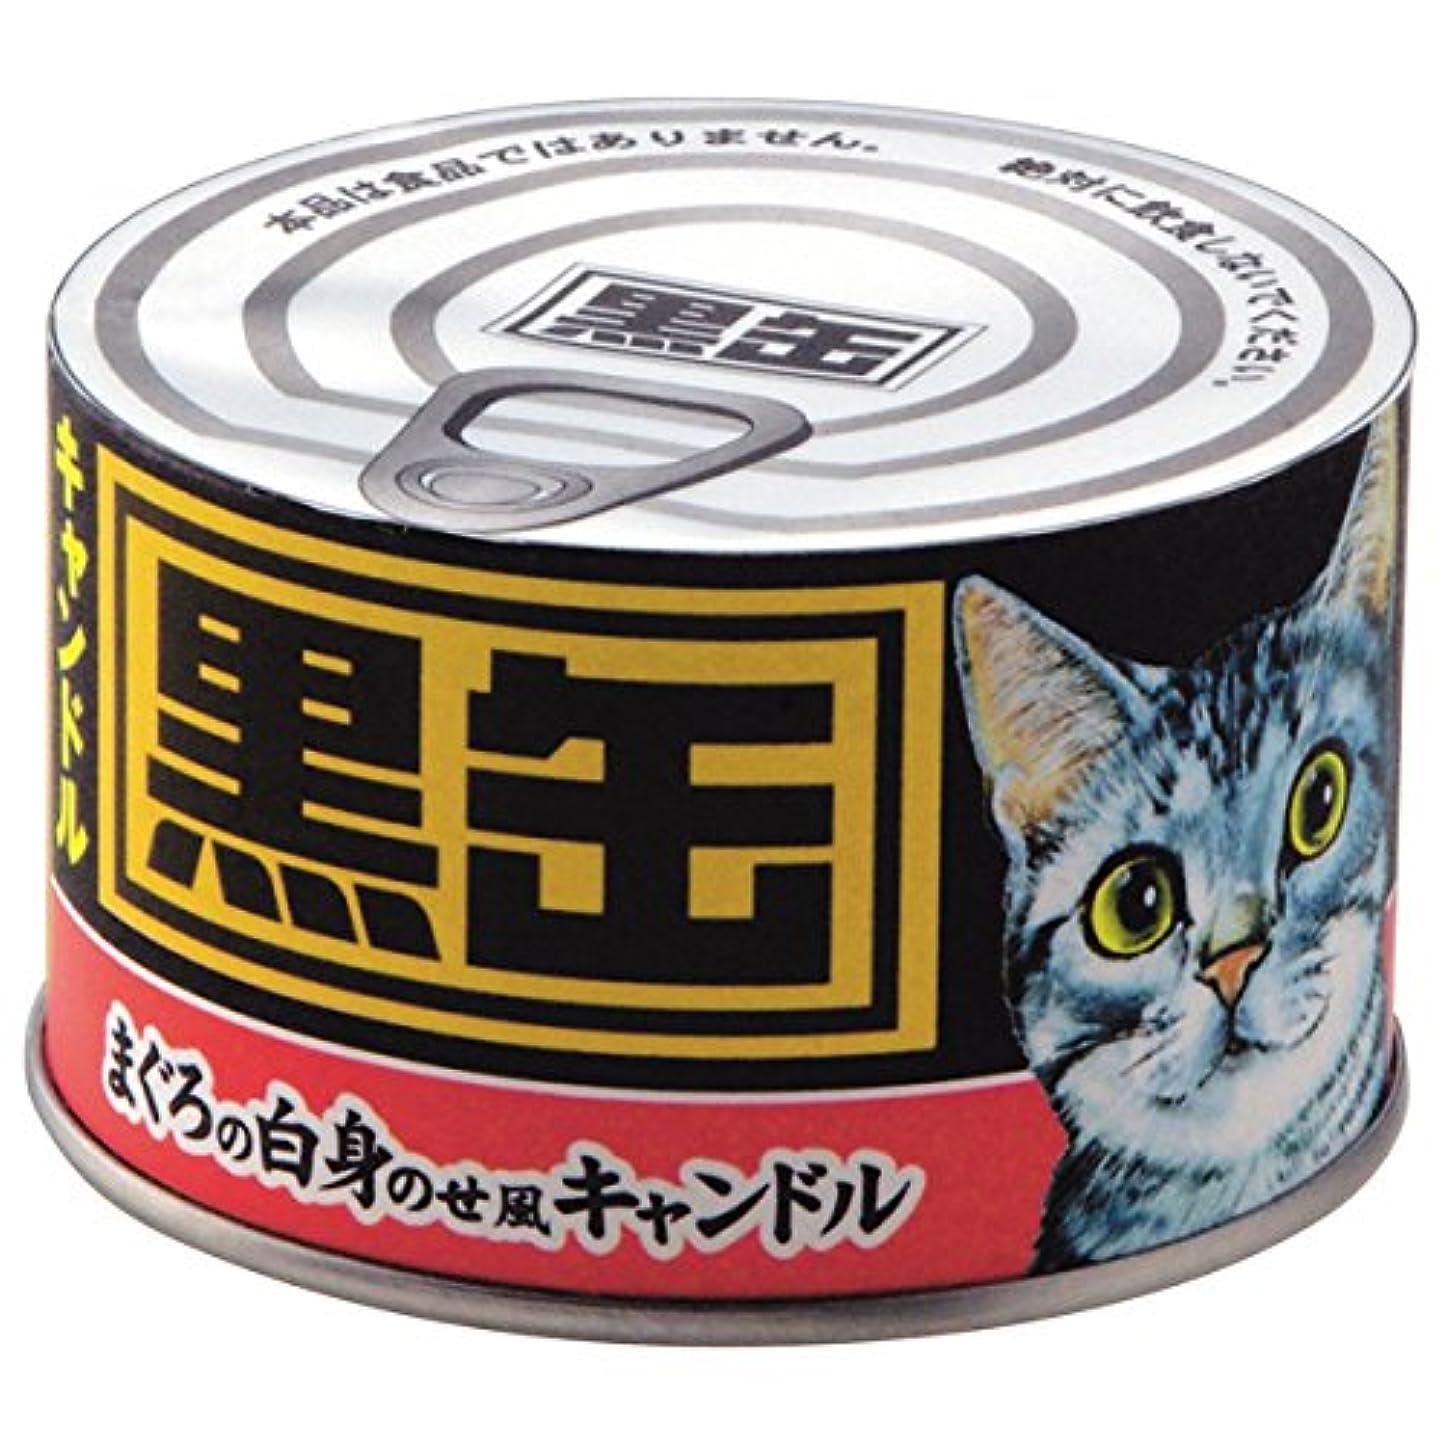 爵バレエベアリングカメヤマ黒缶キャンドル